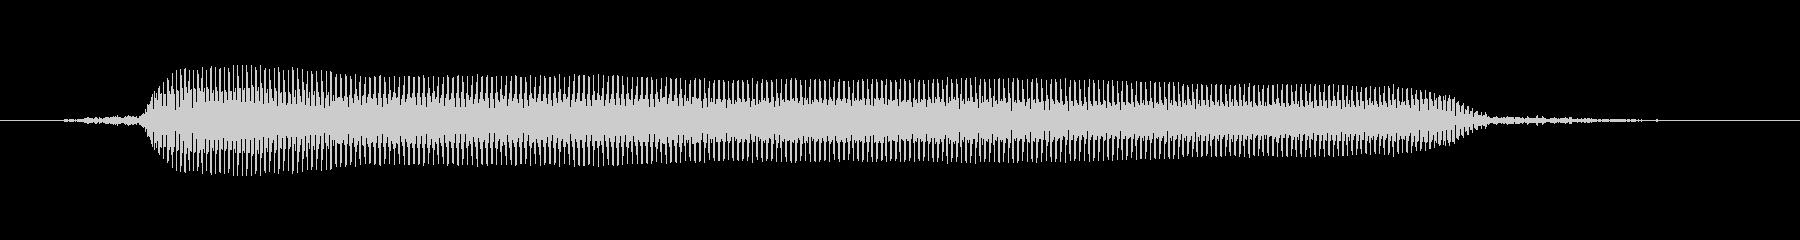 ふ~ん(冷めた声)の未再生の波形